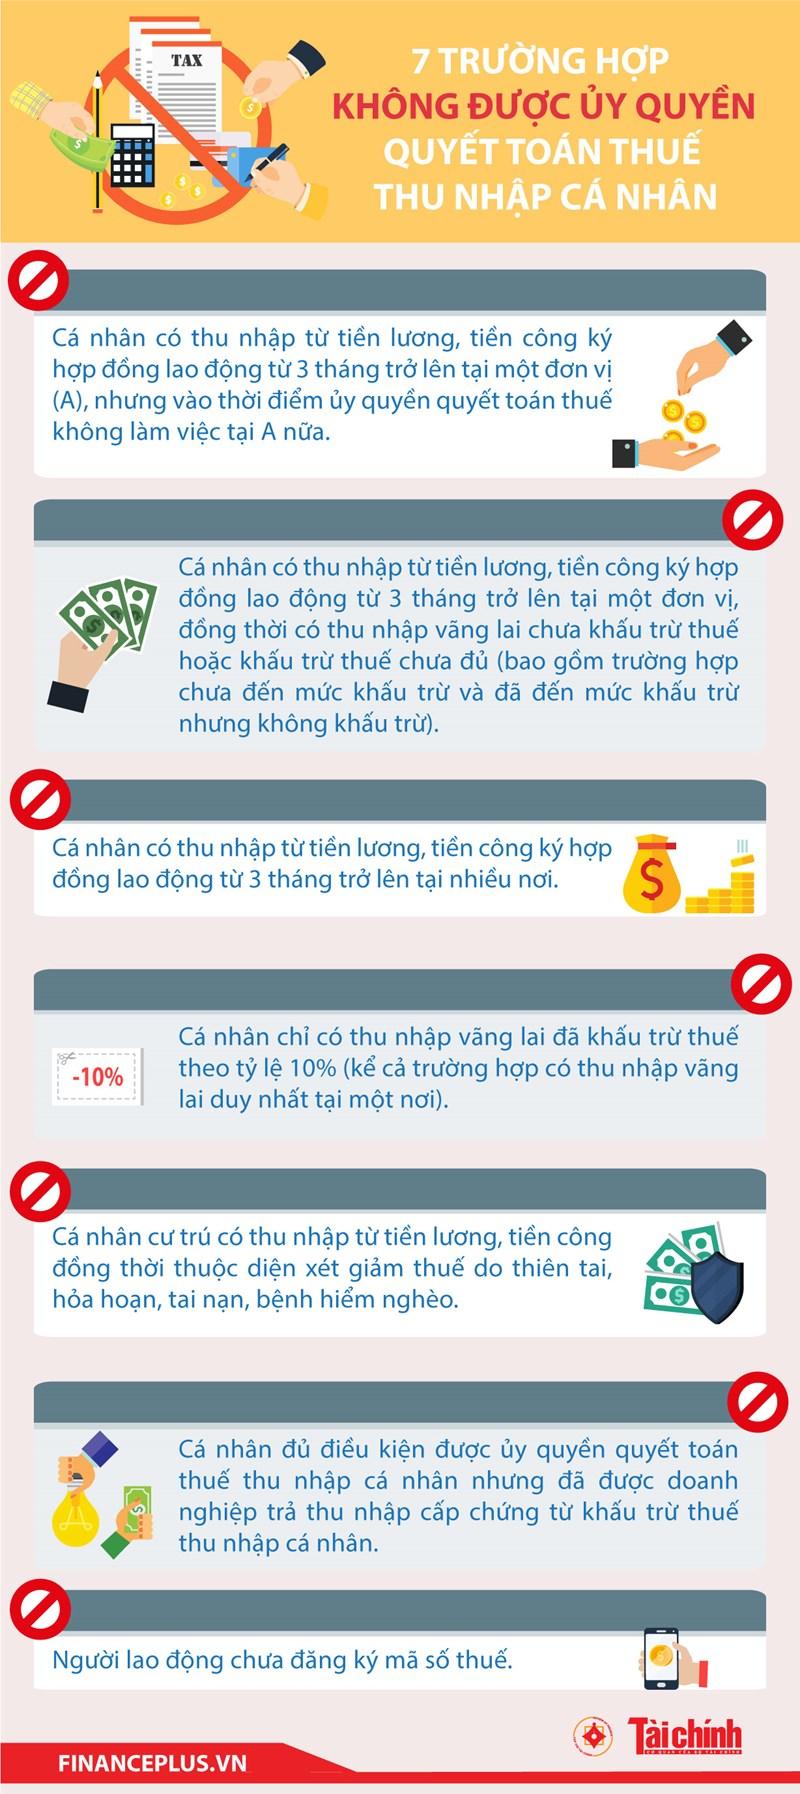 [Infographic] 07 trường hợp không được ủy quyền quyết toán thuế thu nhập cá nhân - Ảnh 1